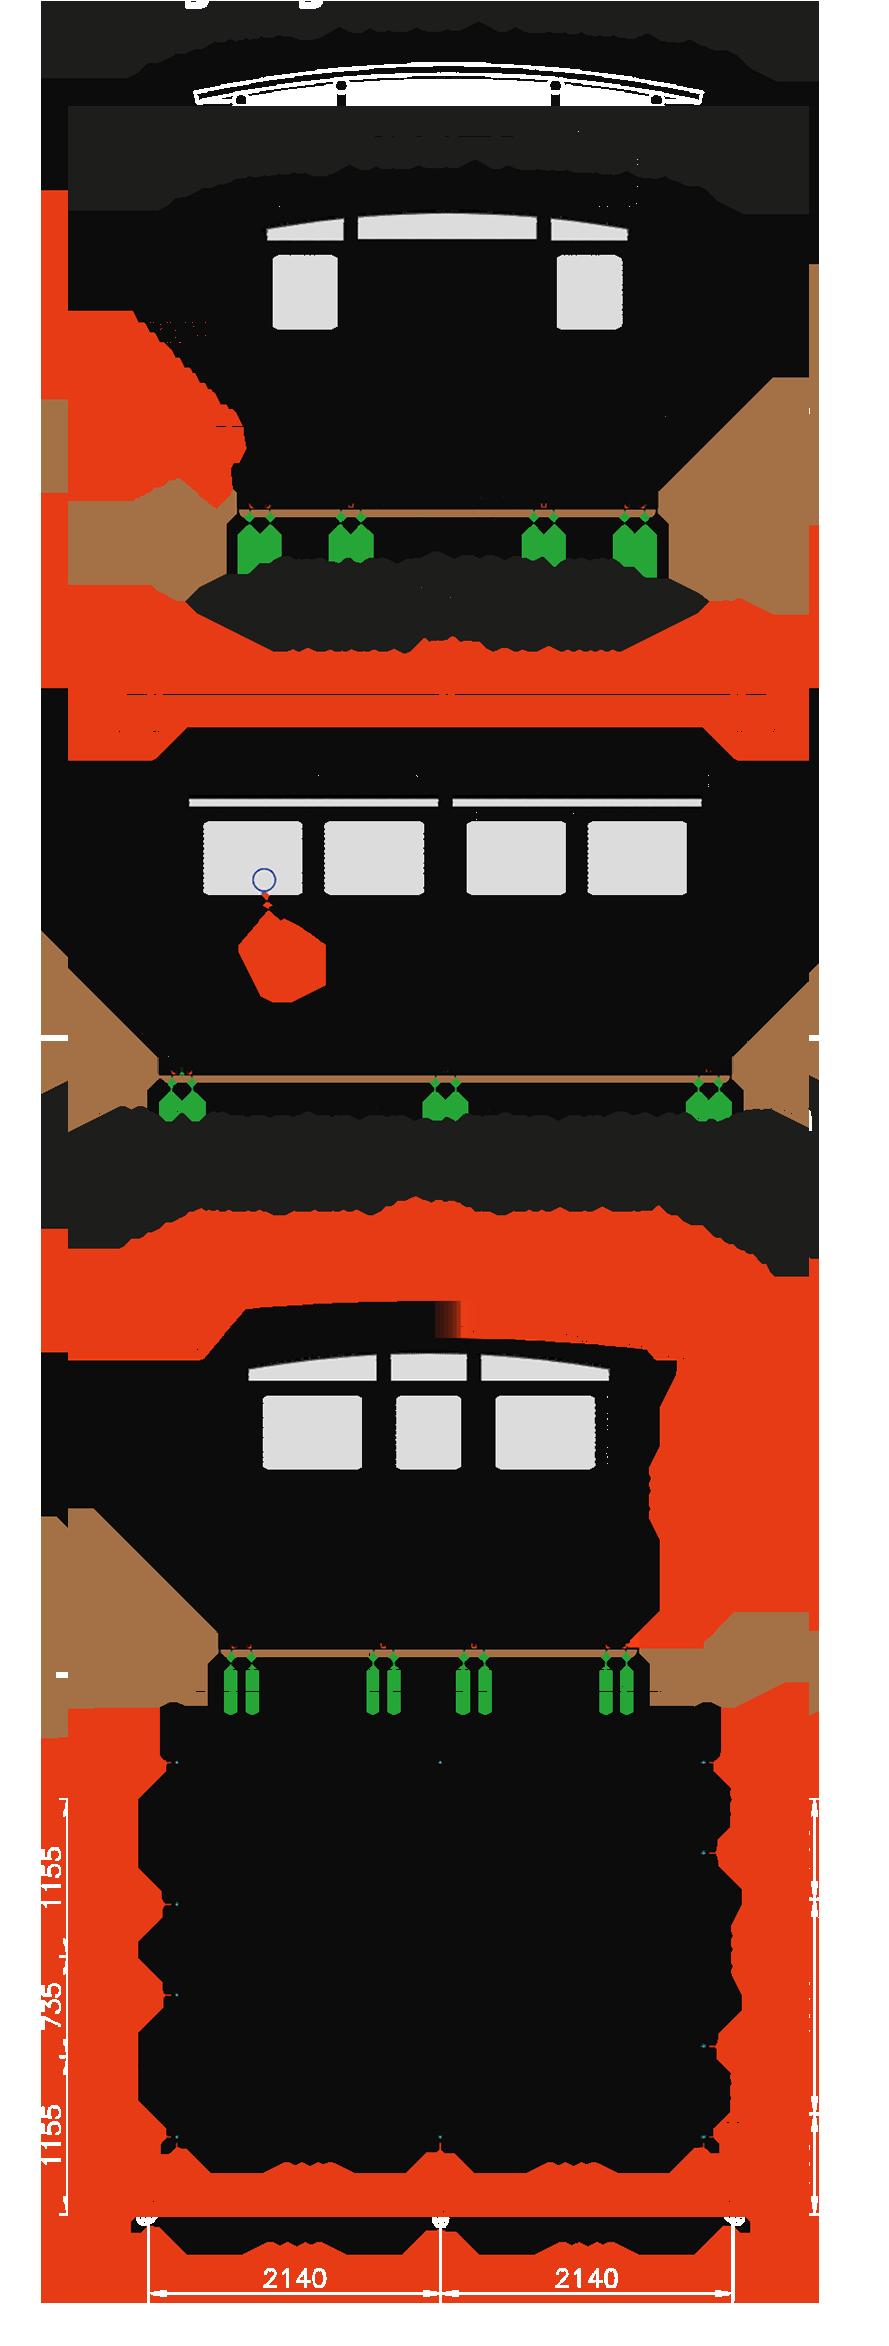 Zenzo Miljø -Tellus 30-2 Avfallshus - Miljøhus -tegning